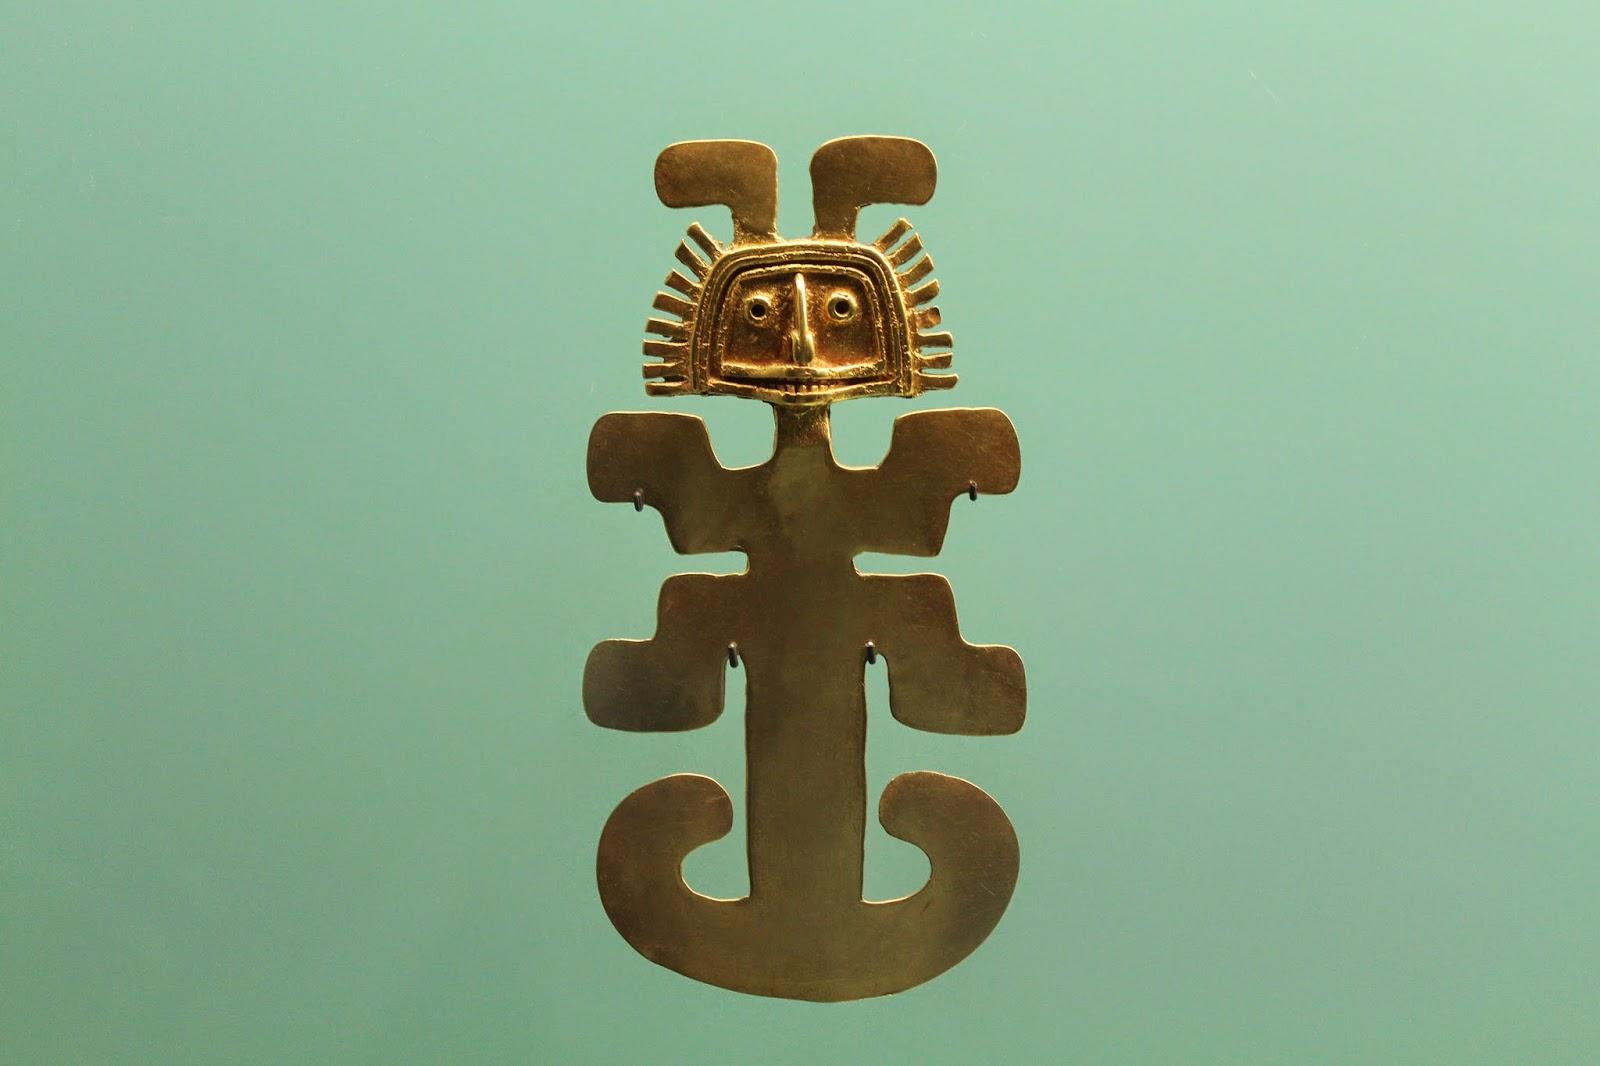 http://voualifora.blogspot.com.br/2014/04/museu-do-ouro-zenu-cartagena-das-indias.html